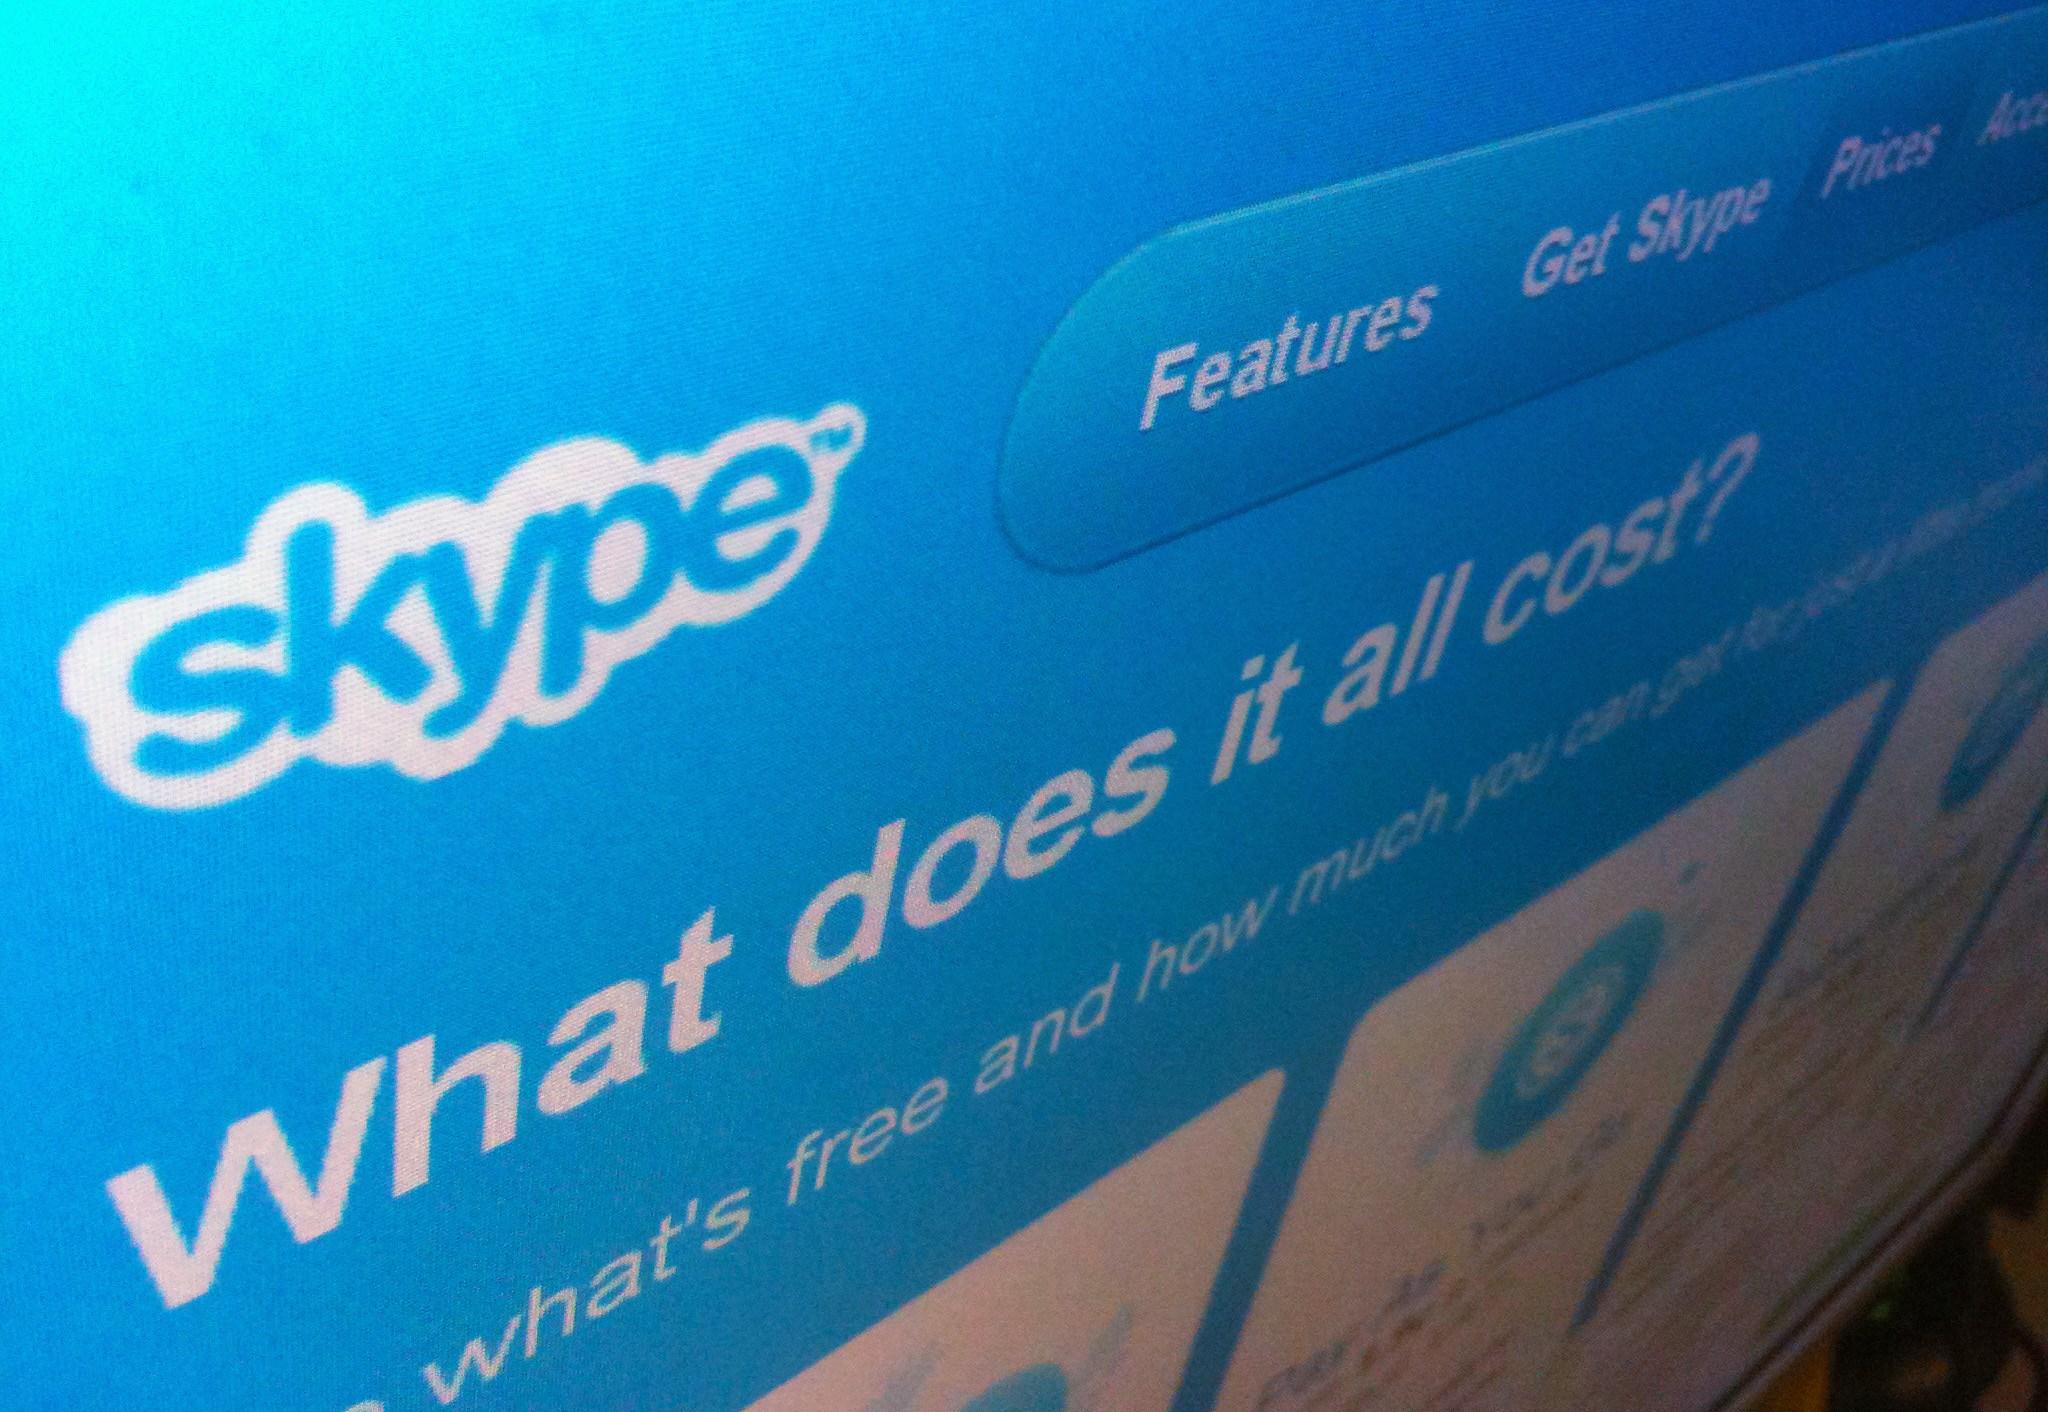 Foto: Skype vai ter tradutor em tempo real A Microsoft apresentou uma versão teste daquela que será uma das próximas ferramentas do Skype, o serviço de telefone gratuito online da Microsoft, e que deverá ser lançada no final de 2014: um tradutor em tempo real para as conversações dos utilizadores. http://go.pwm.pt/1k3VNr9